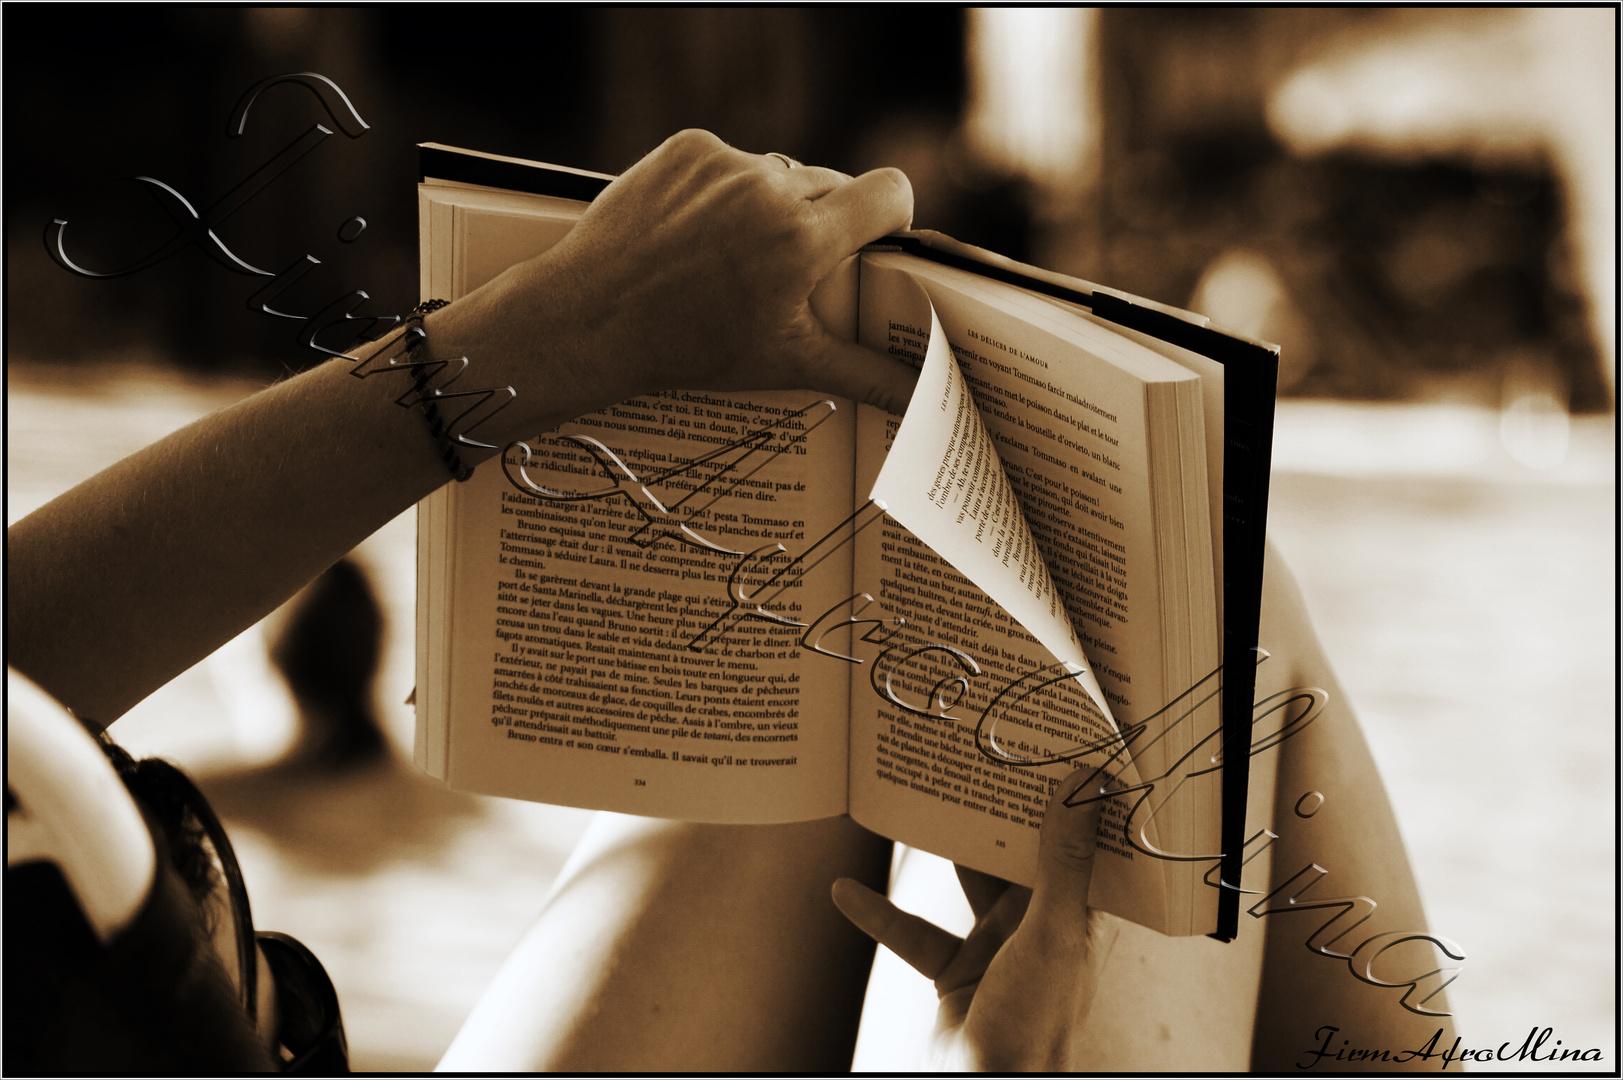 De bons moments, ...des pages qu'on refuse de tourner.